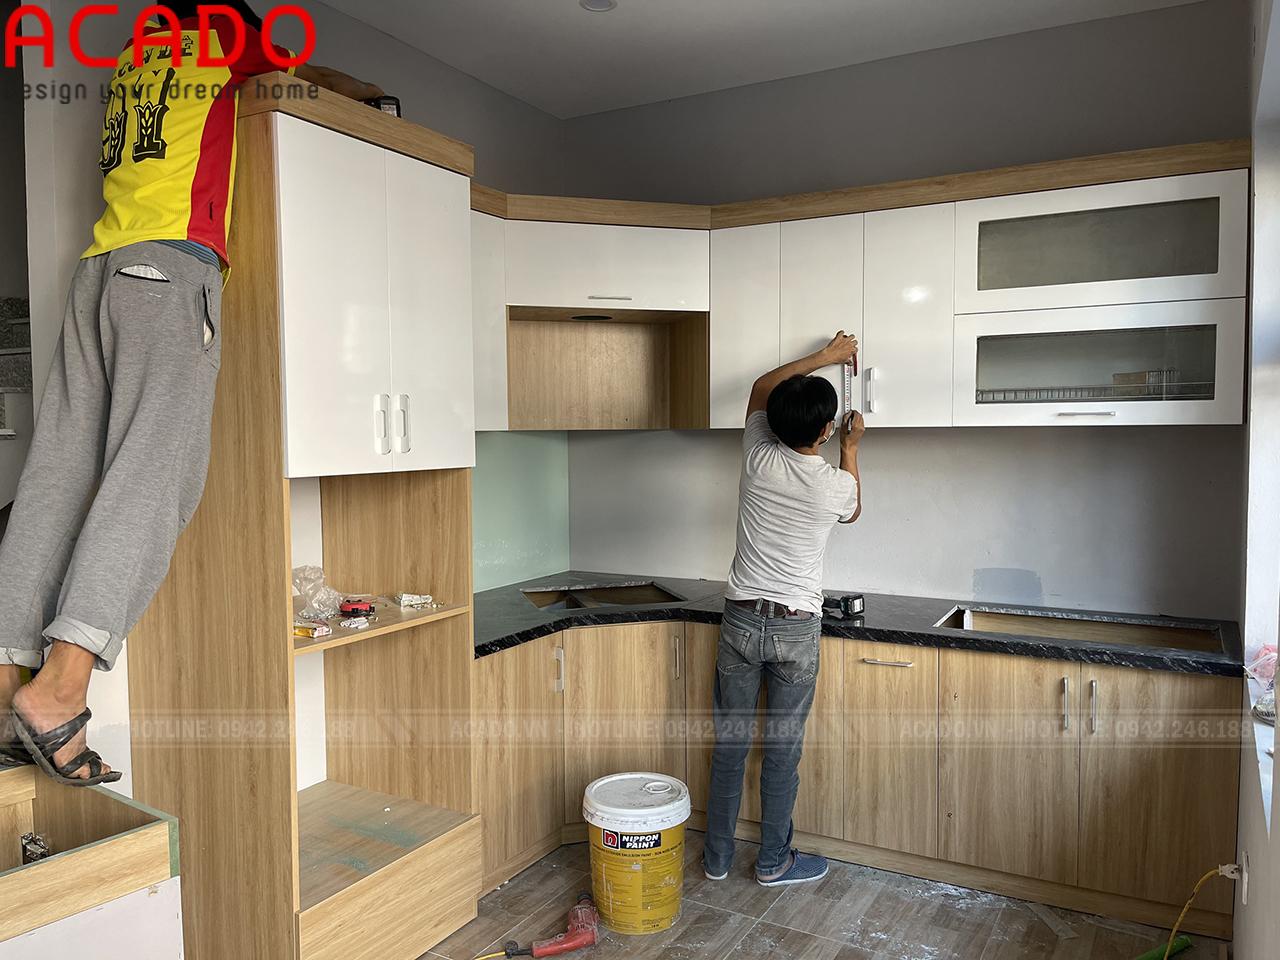 Kính xánh trắng điểm nhấn cho tủ bếp - Nội thất ACADO